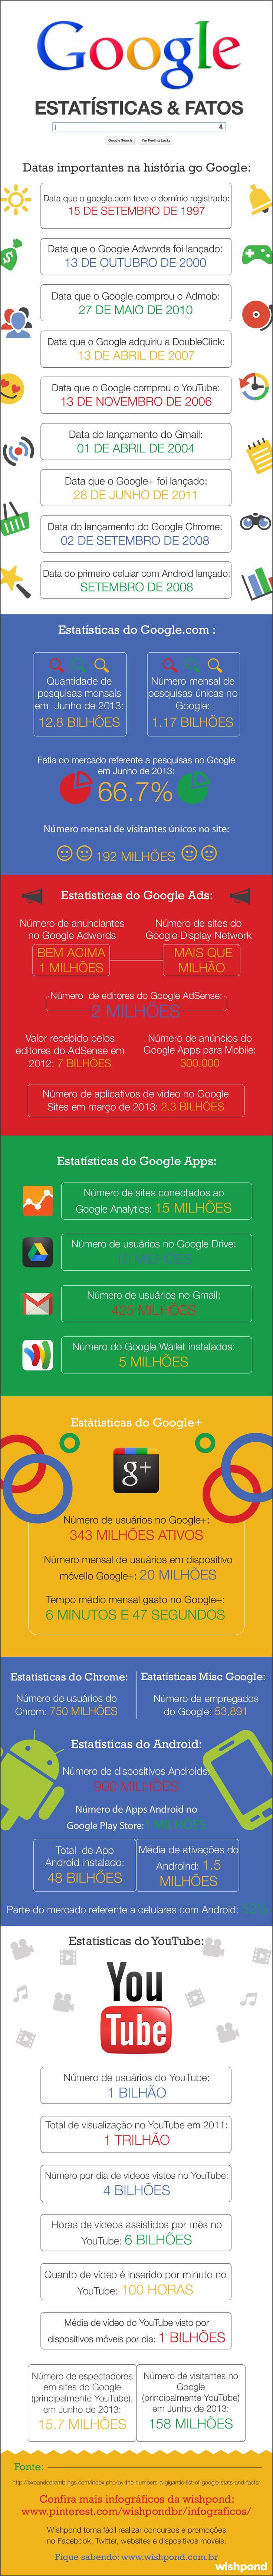 dados estatísticos do google